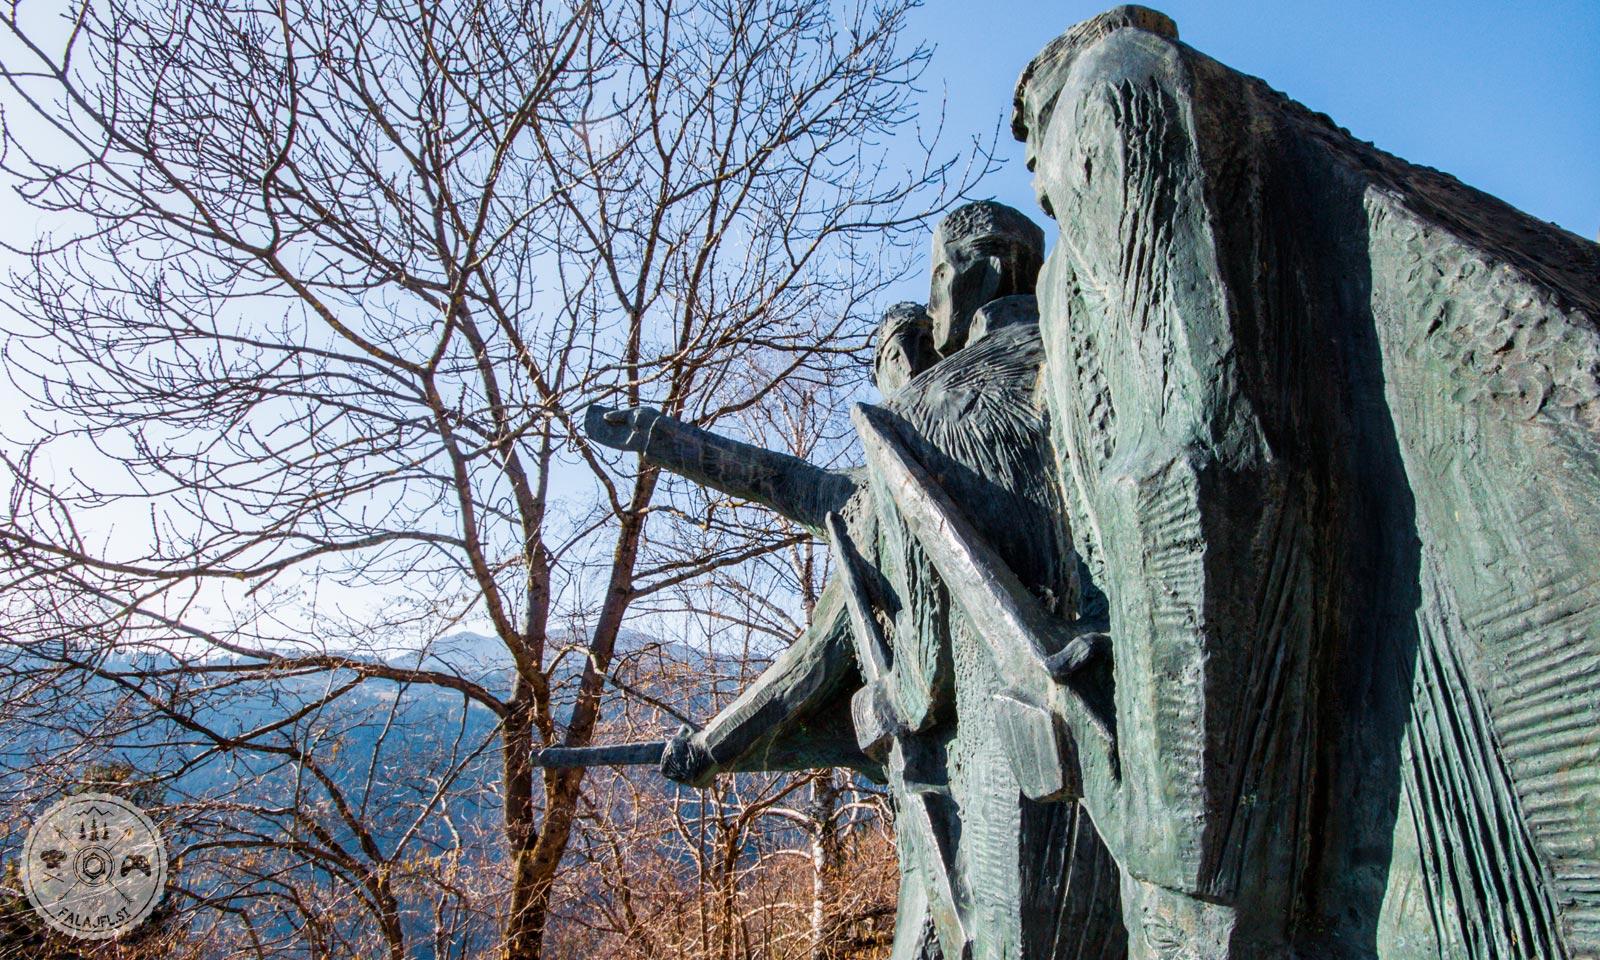 spomenik-drazgoski-bitki-foto05